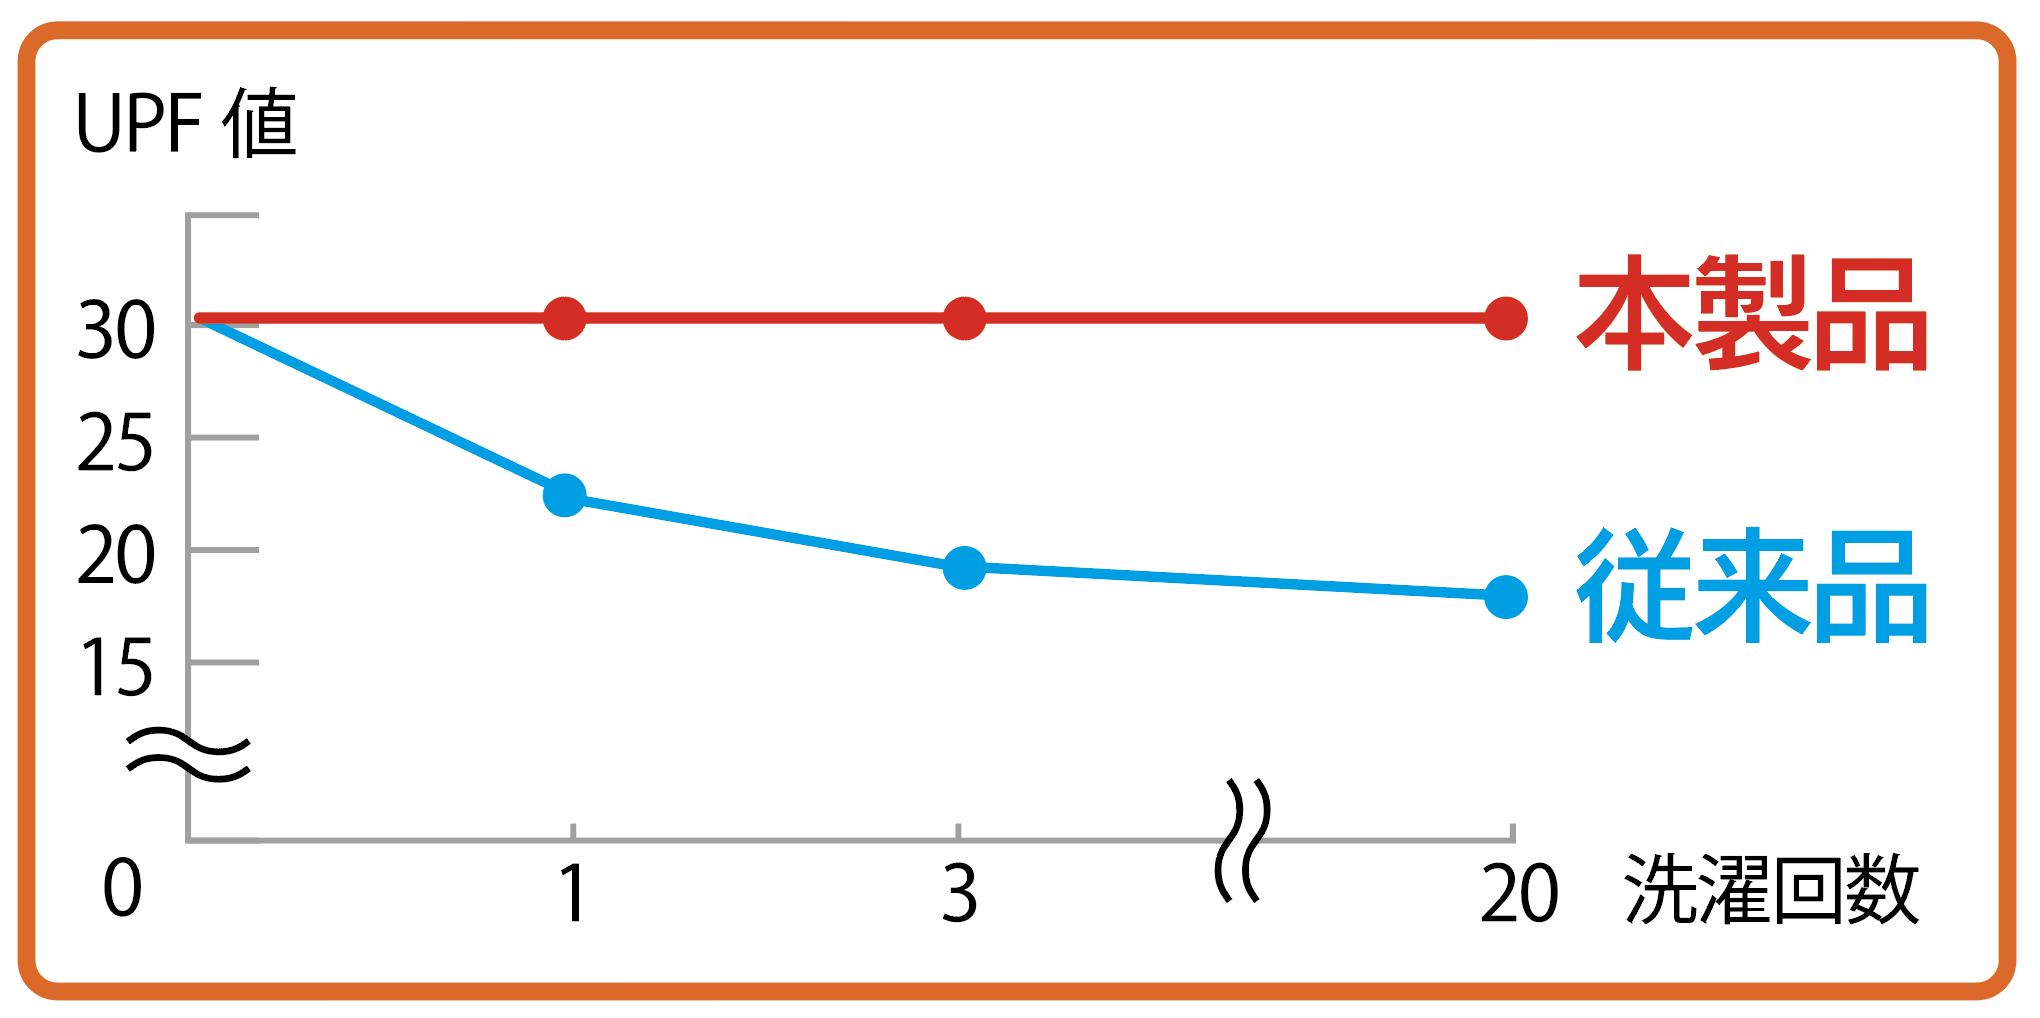 ずっとカットUVを使用した製品と従来品を比較したグラフ